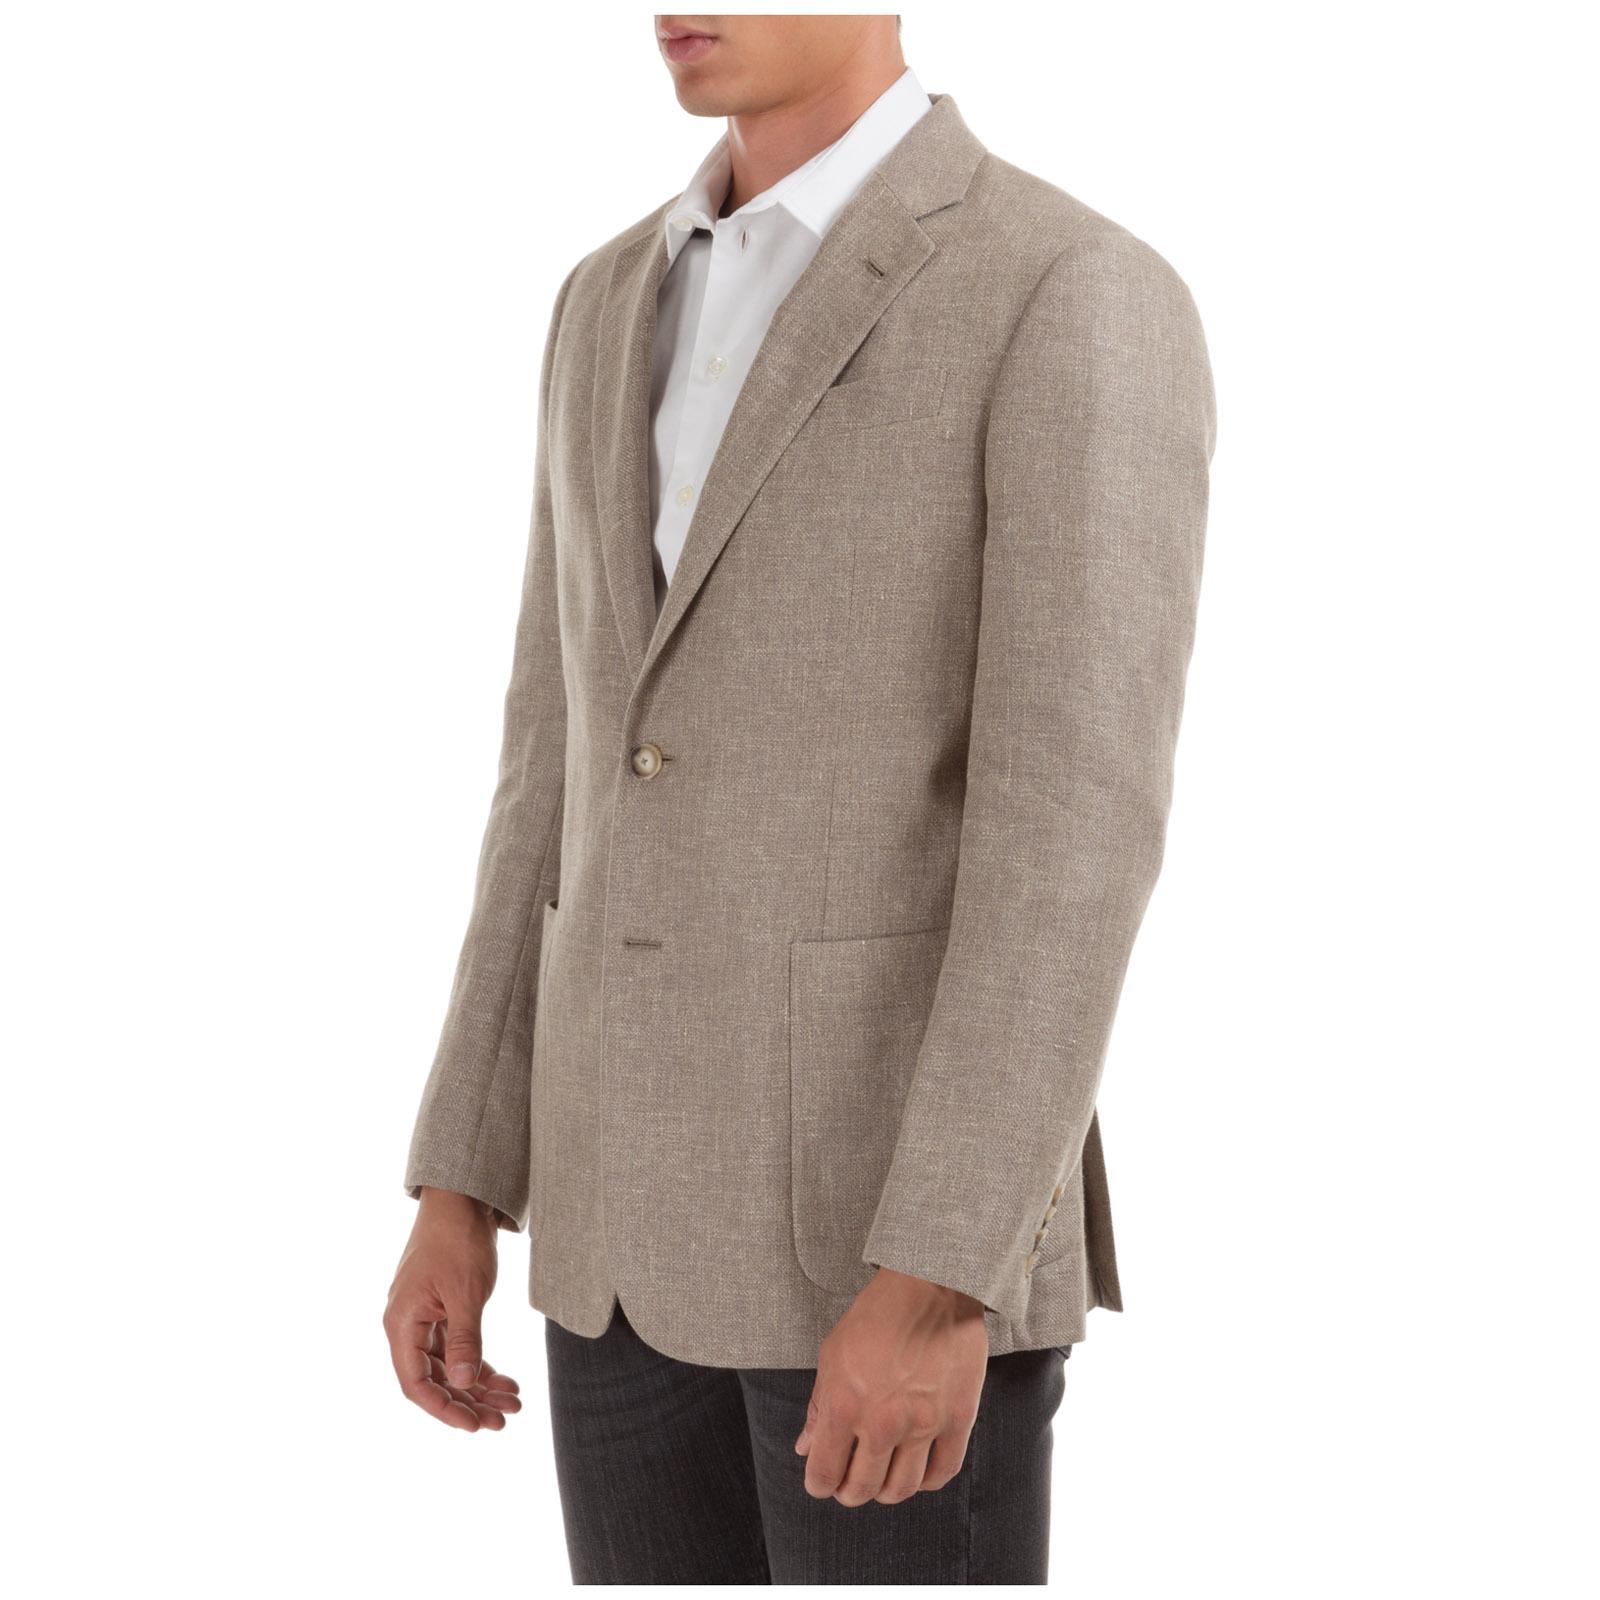 Herren herrenjacke jacke blazer